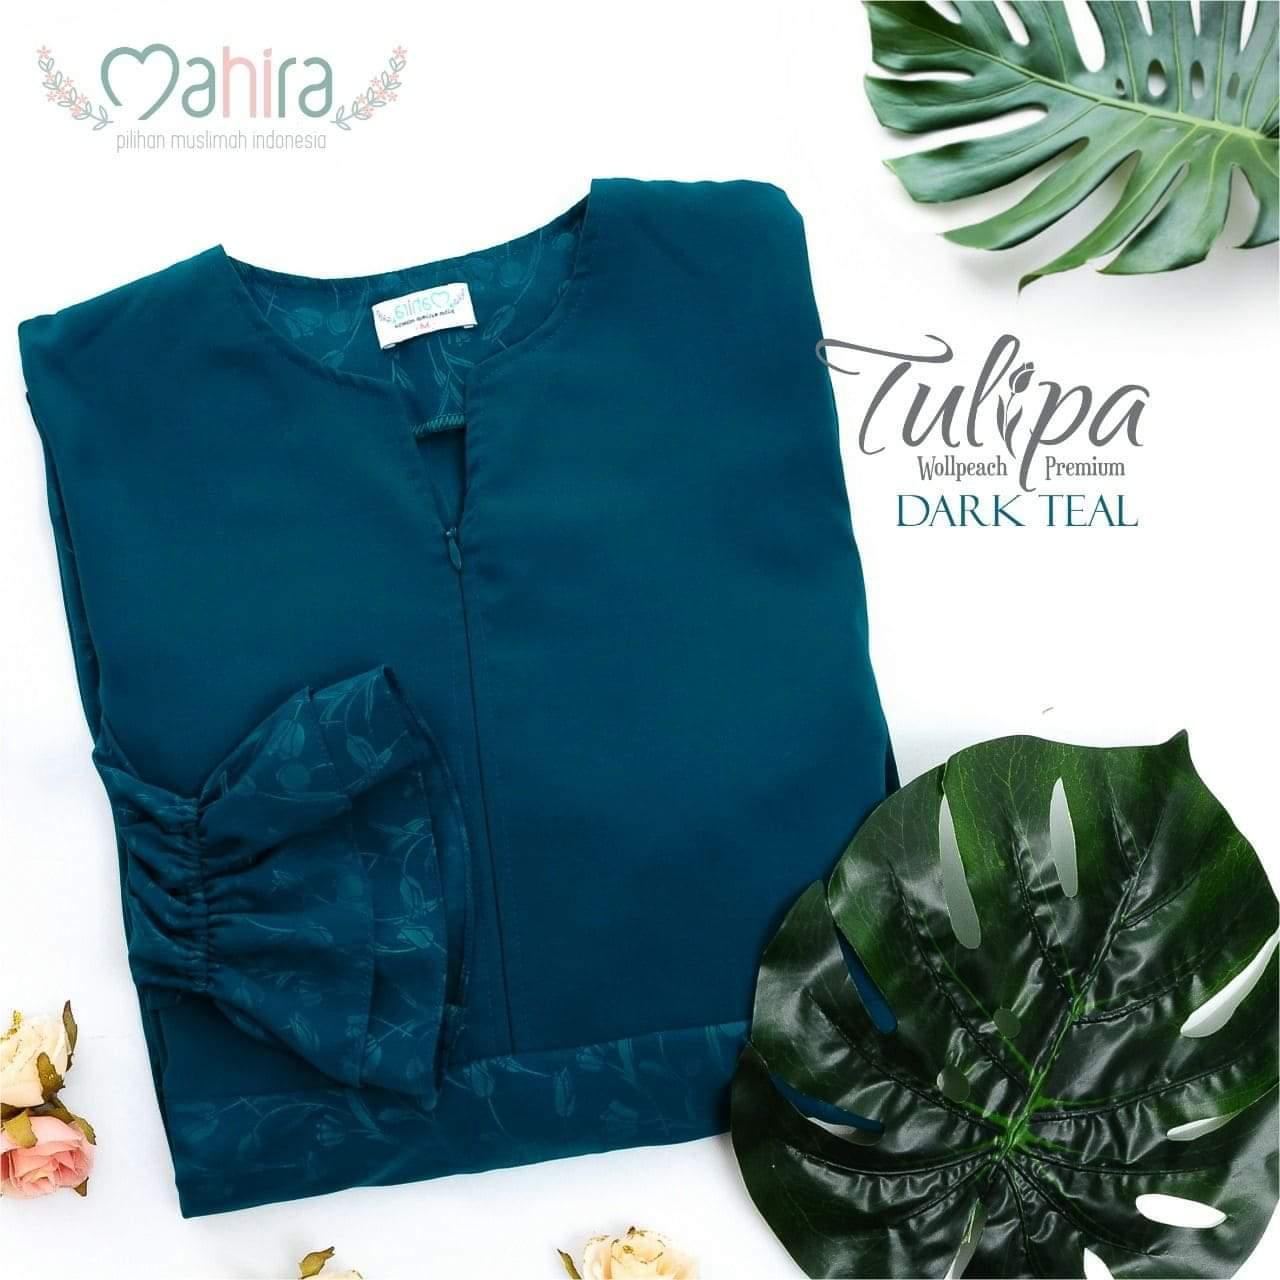 Mahira Tulipa Wollpeach Premium Dark Teal